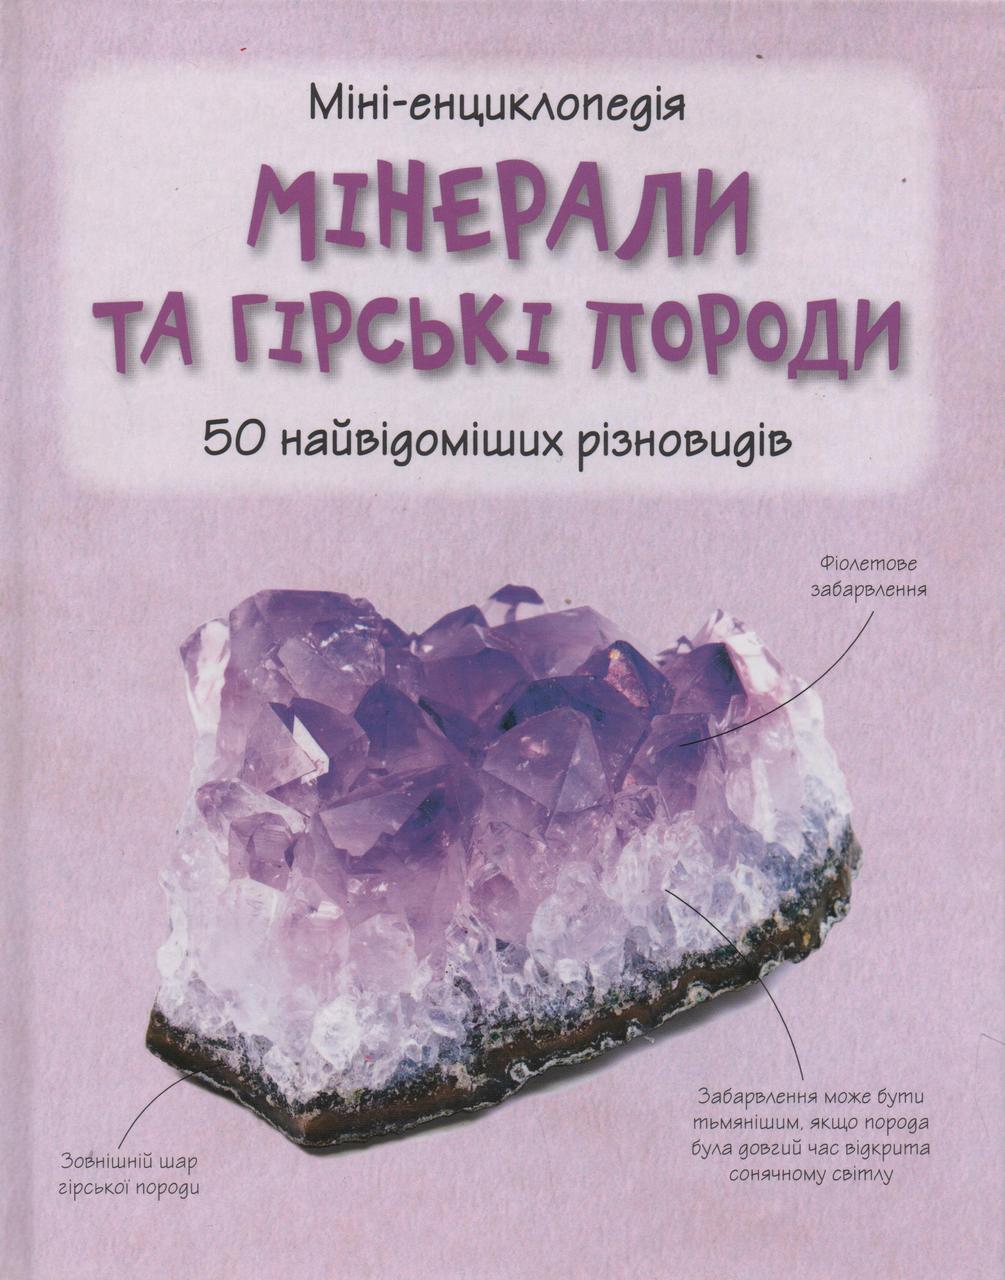 Мінерали та гірські породи. 50 найвідоміших різновидів. Міні-енциклопедія